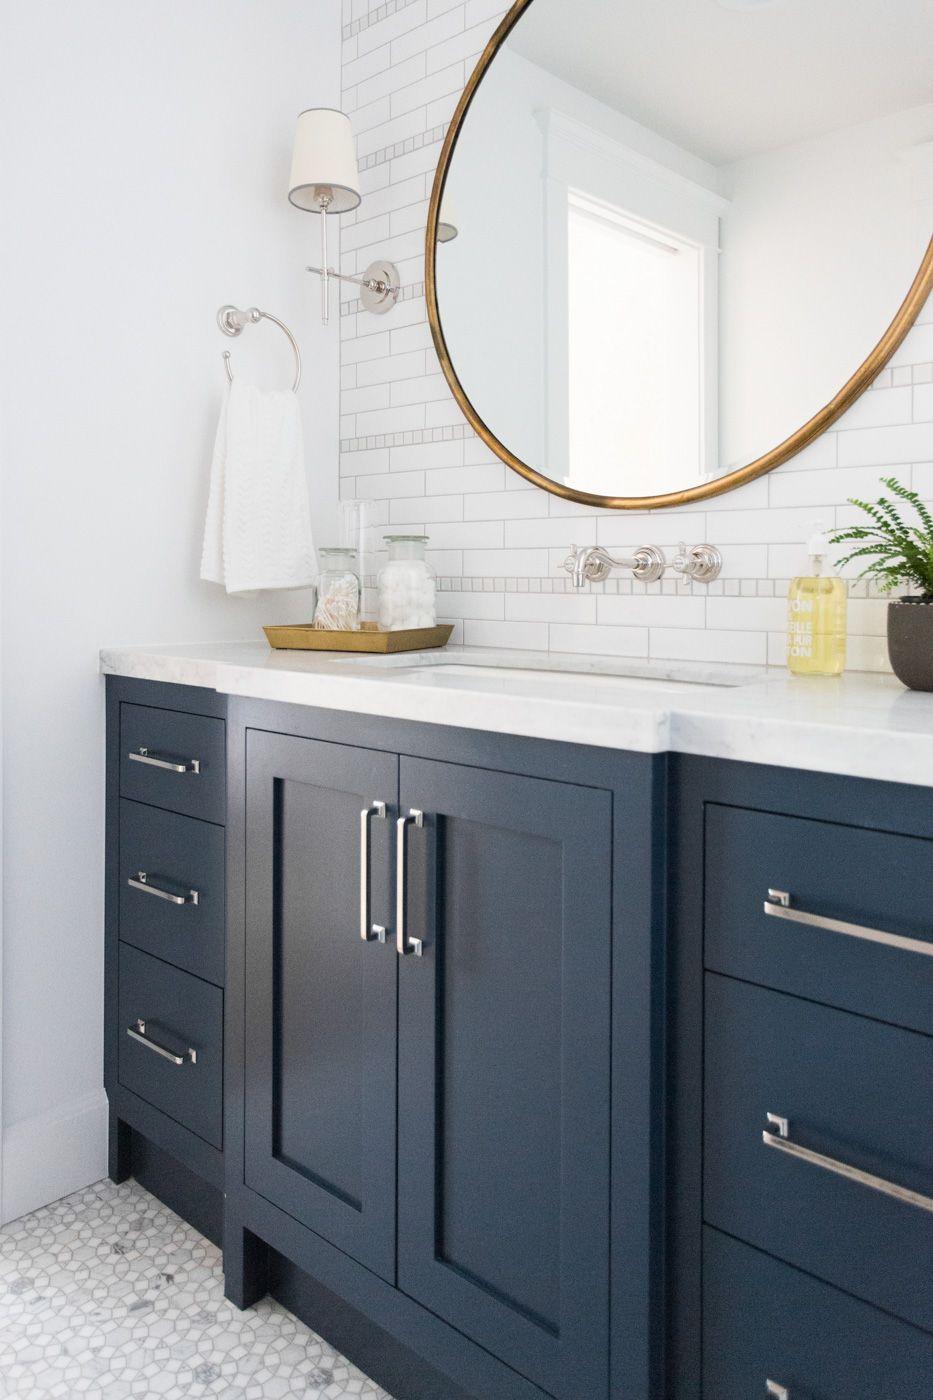 couleur sombre salle de bain meuble vasque bleu peinture